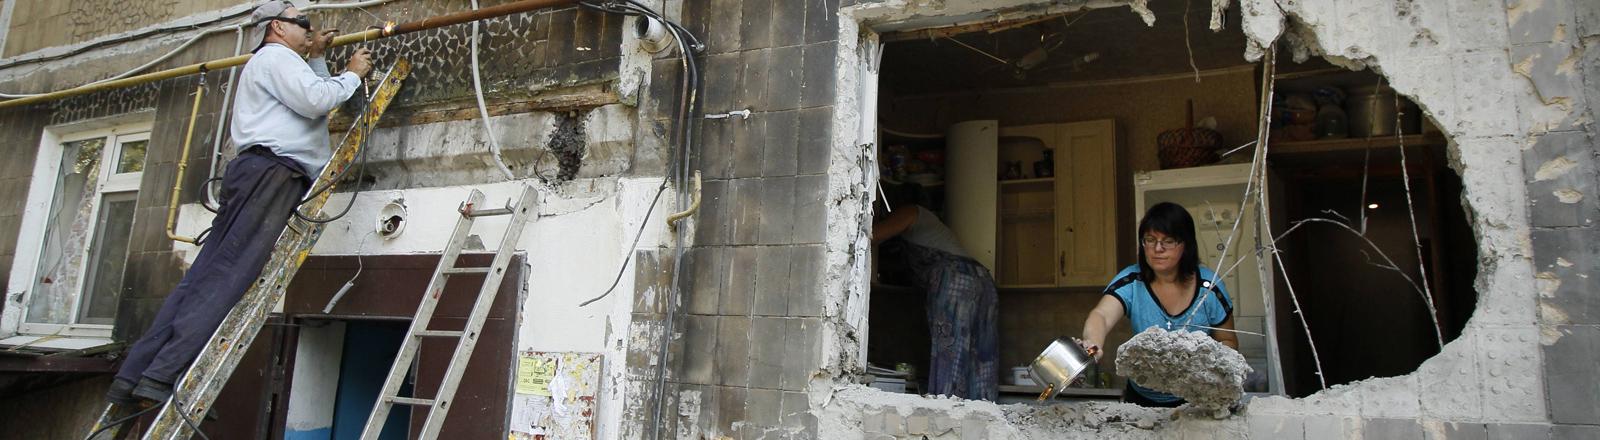 Durch den Krieg zerstörtes Haus in Jassynuwata in der Region Donezk am 01.08.2016.